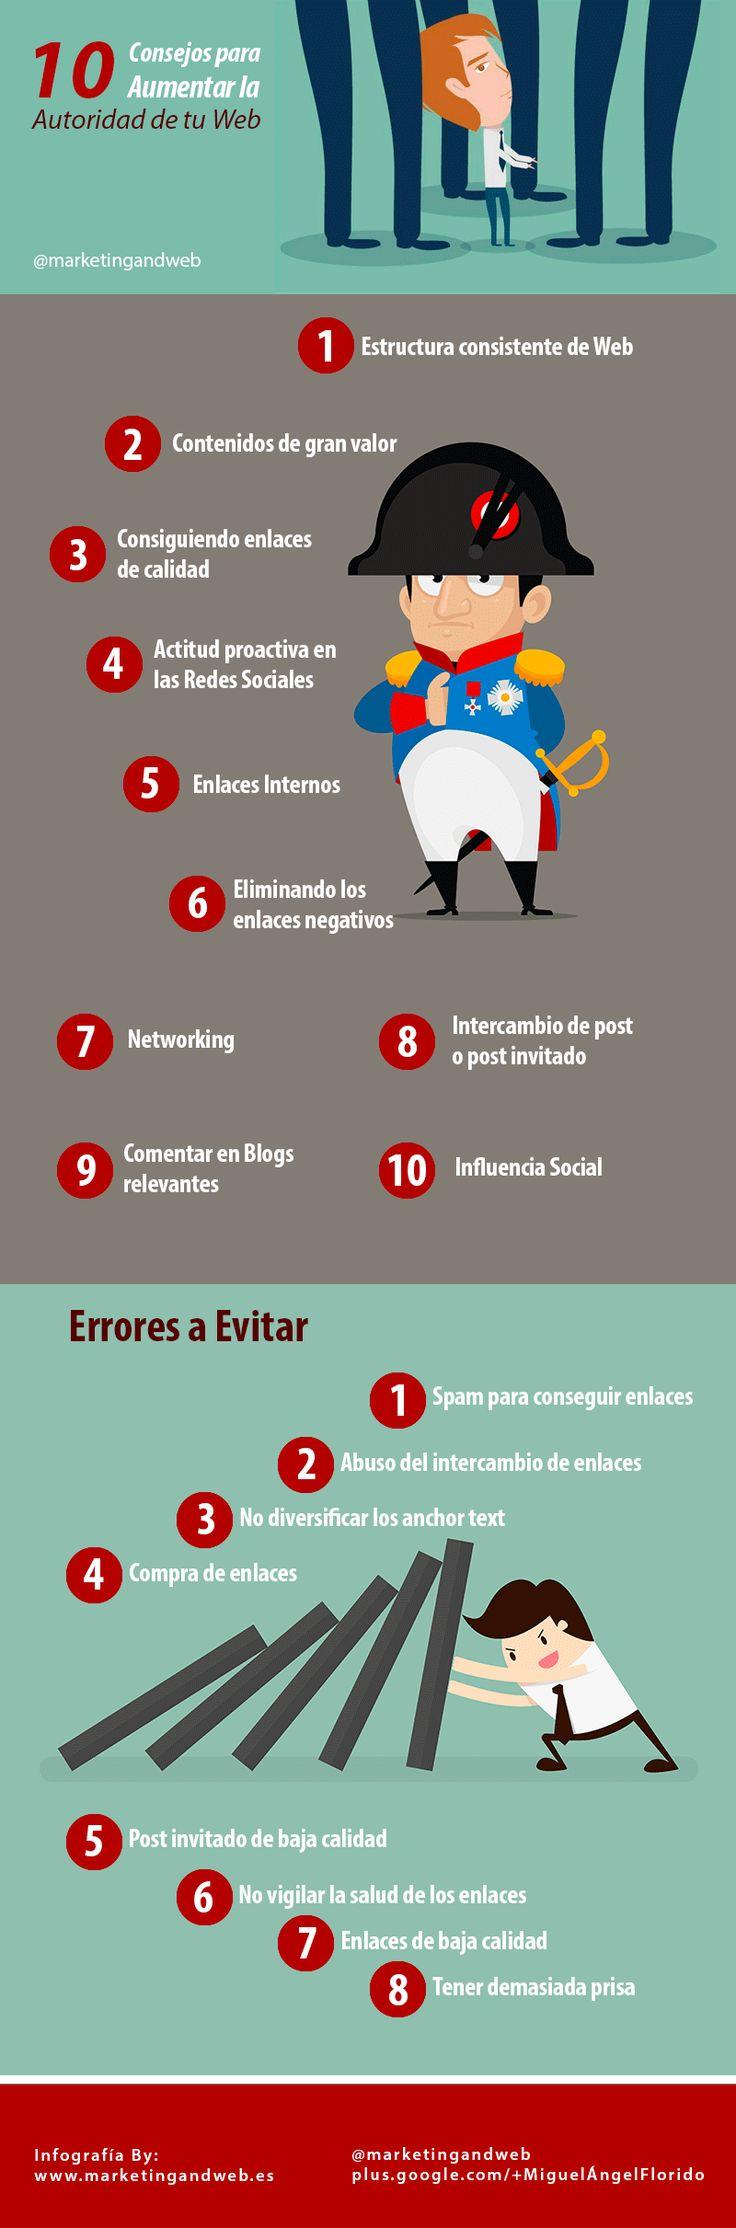 10 consejos para aumentar la autoridad de tu web (y 10 errores a evitar) #infografia #seo